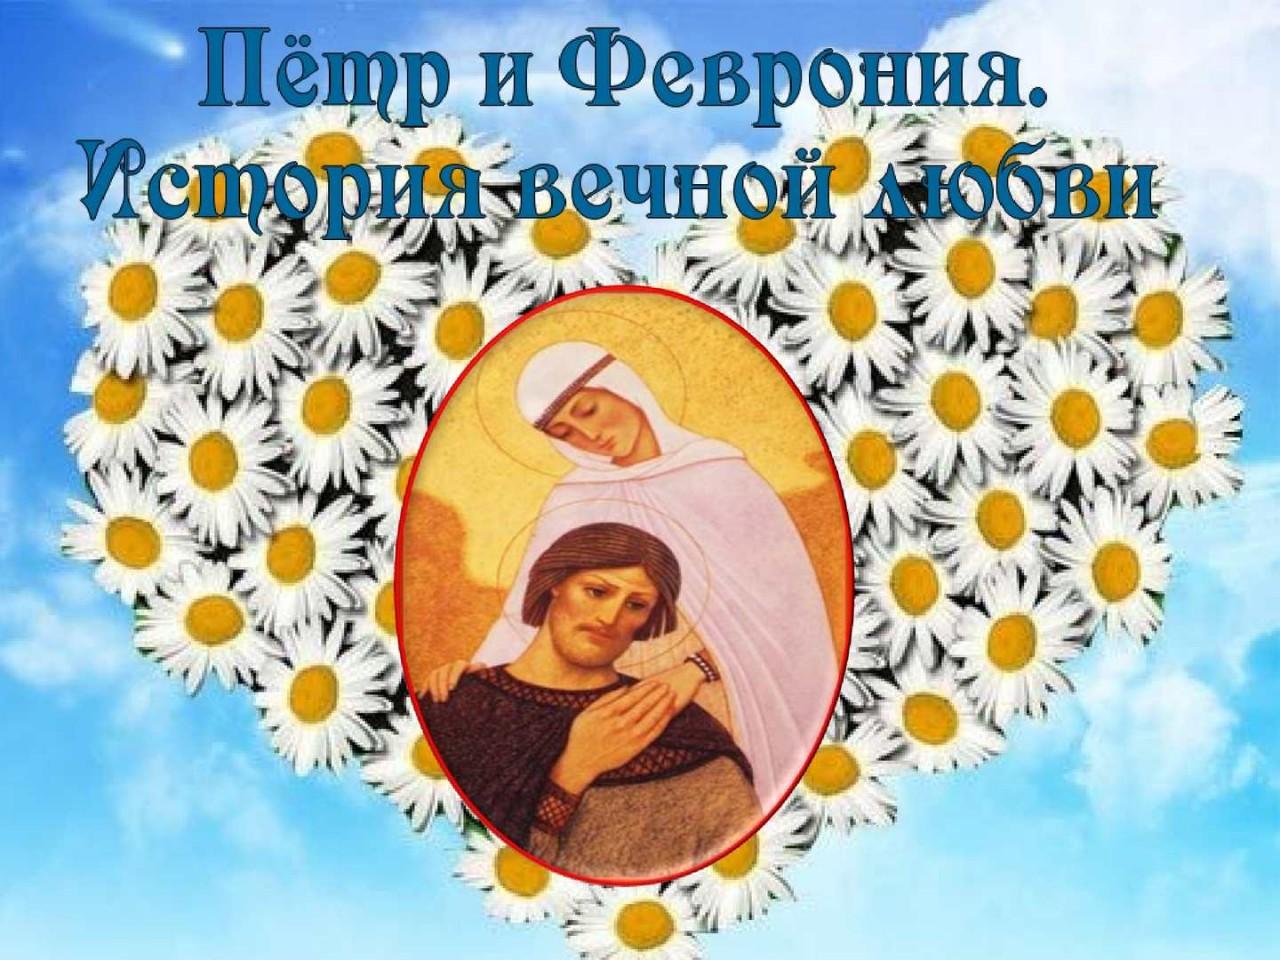 картинки 8 июля день семьи любви и верности история праздника обрел новое